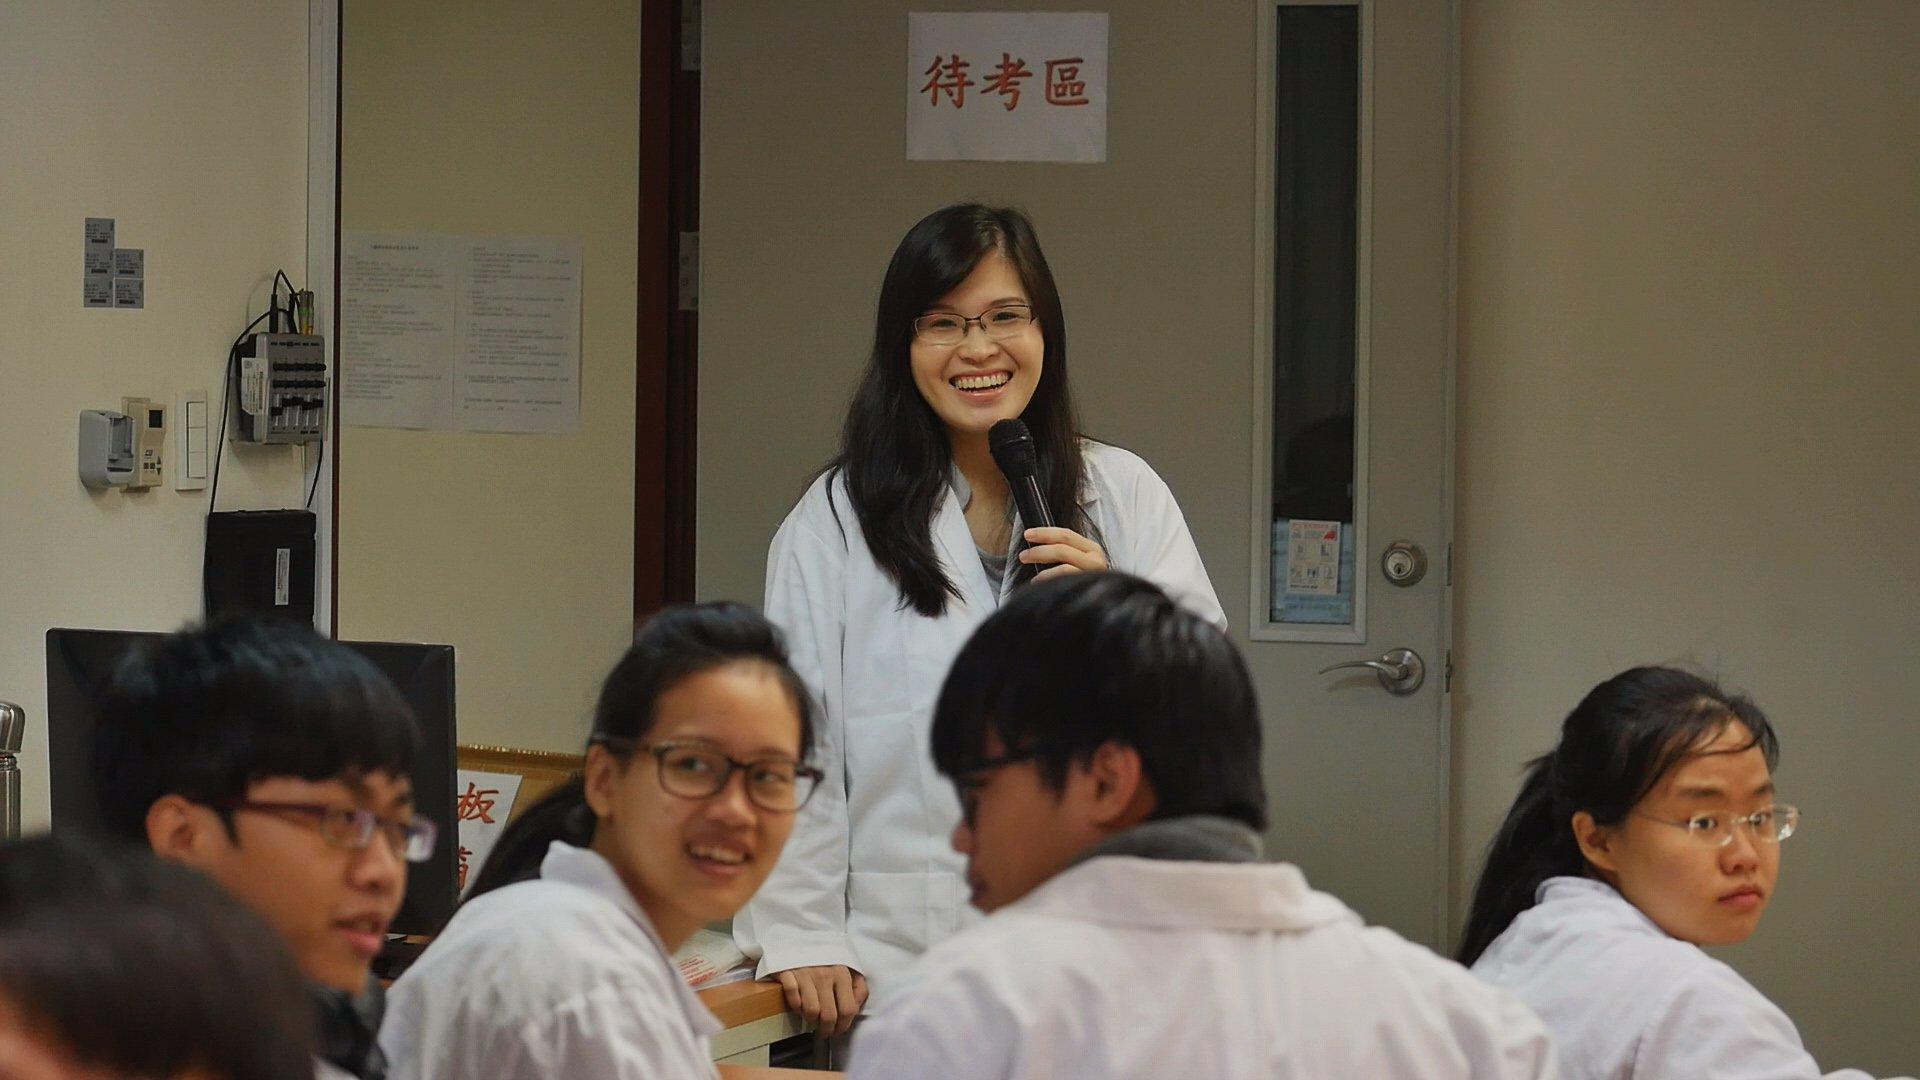 蔡怡汝教授的解剖课。